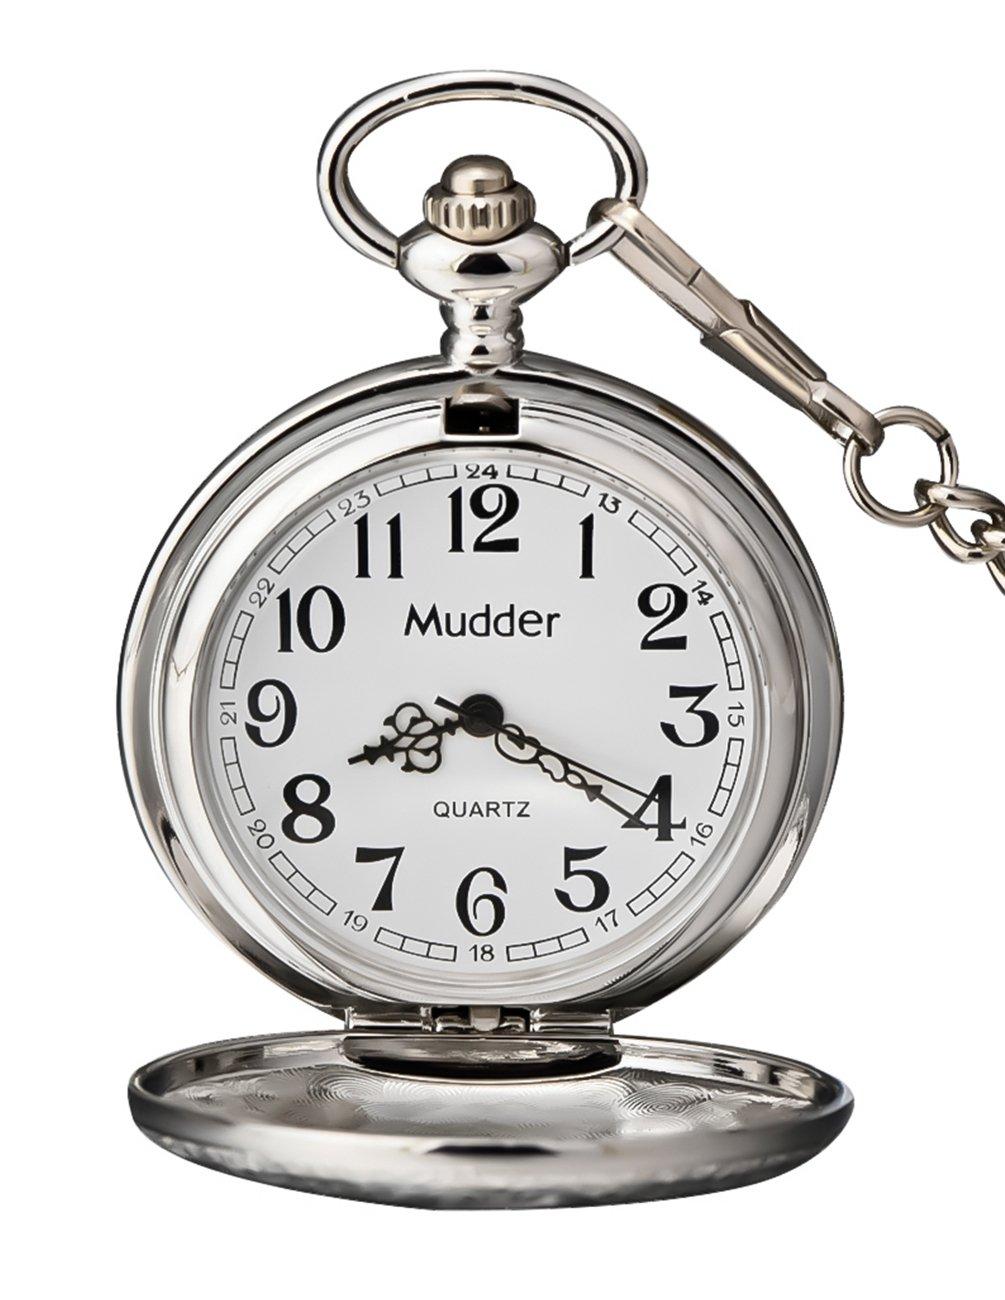 Mudder Vintage Silver Stainless Steel Quartz Pocket Watch Chain 2